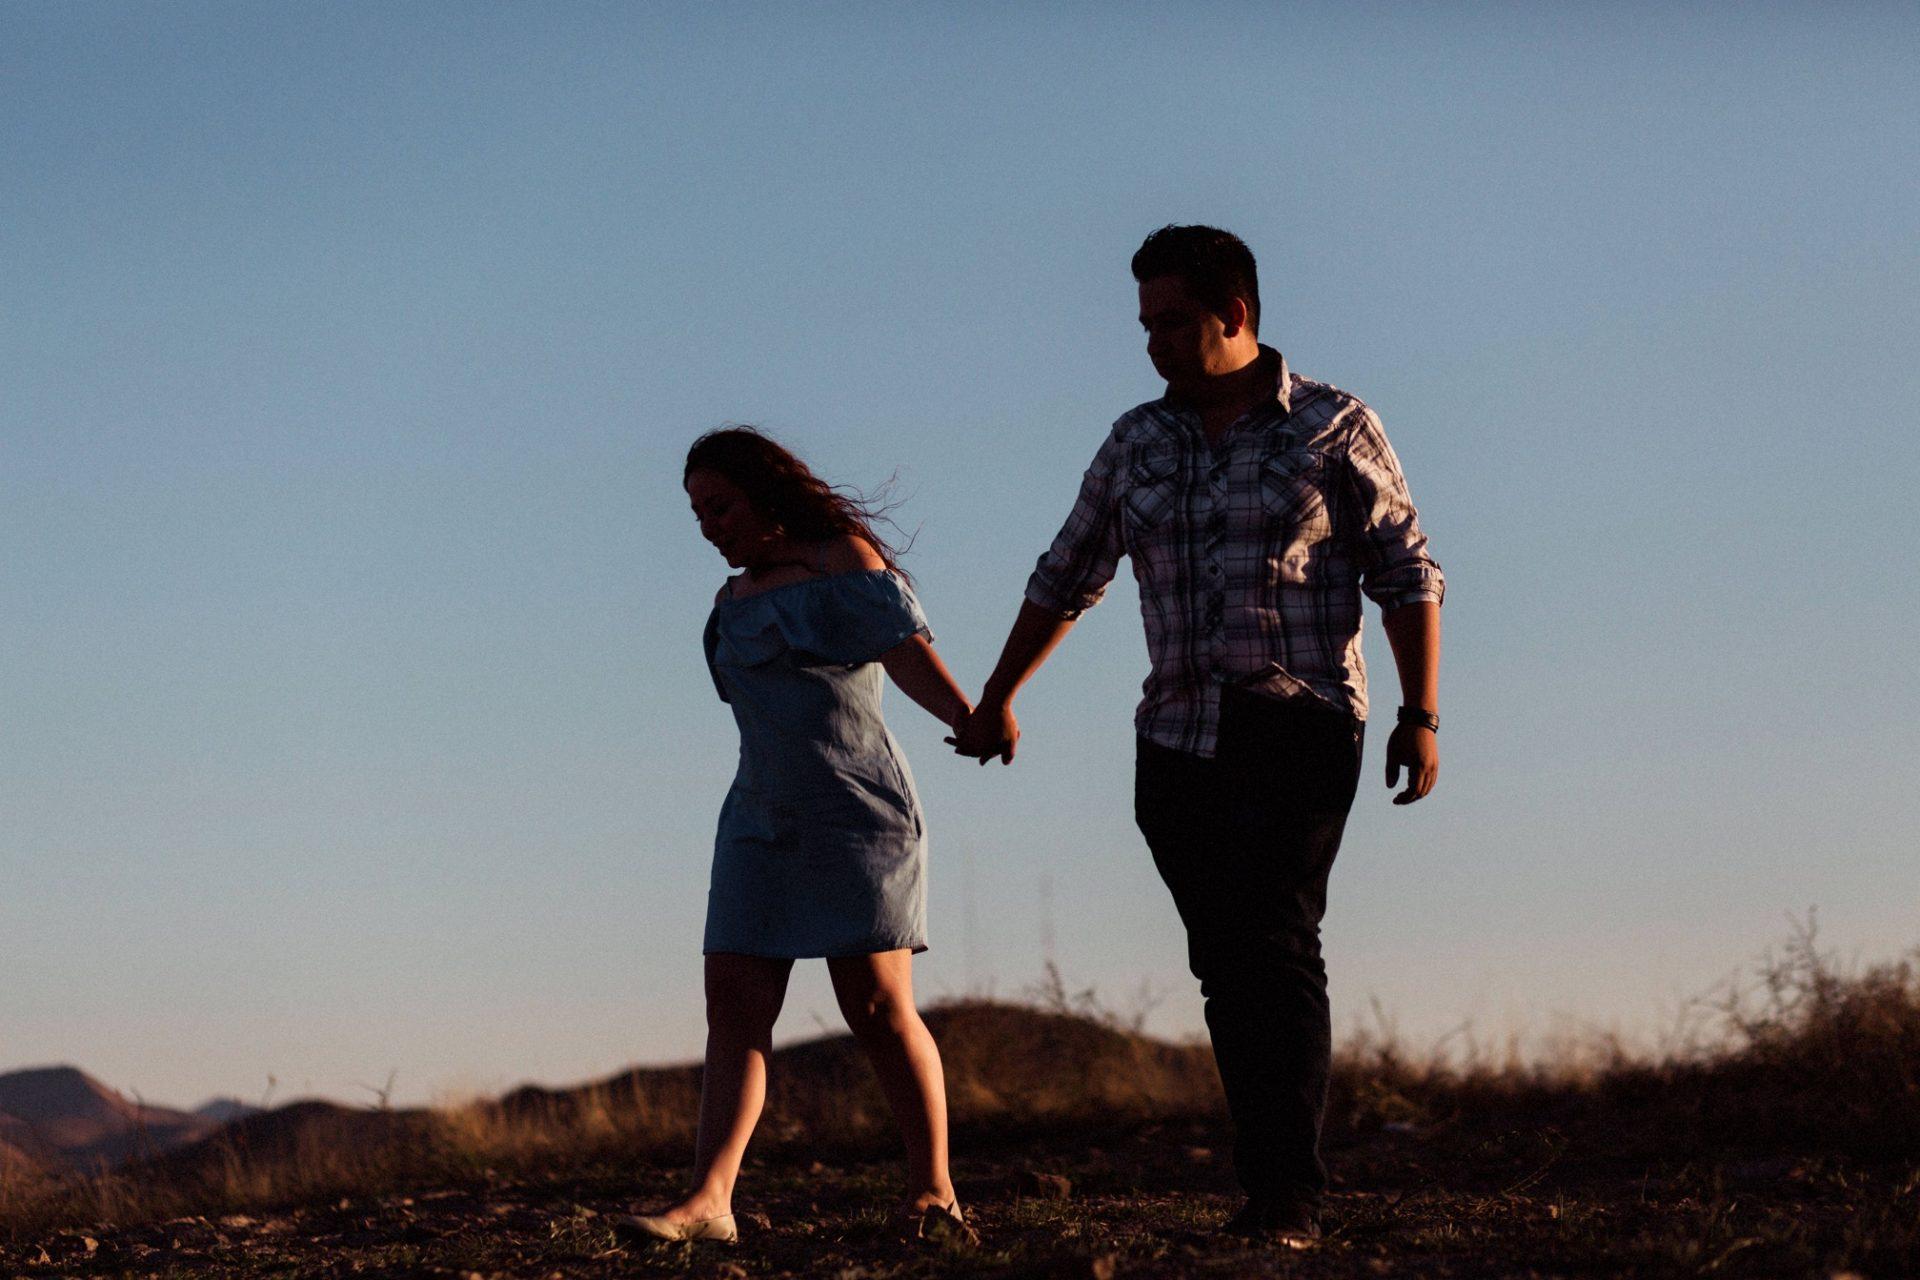 fotografo_profesional_zacatecas_chihuahua_save_the_date_el_rejon-26